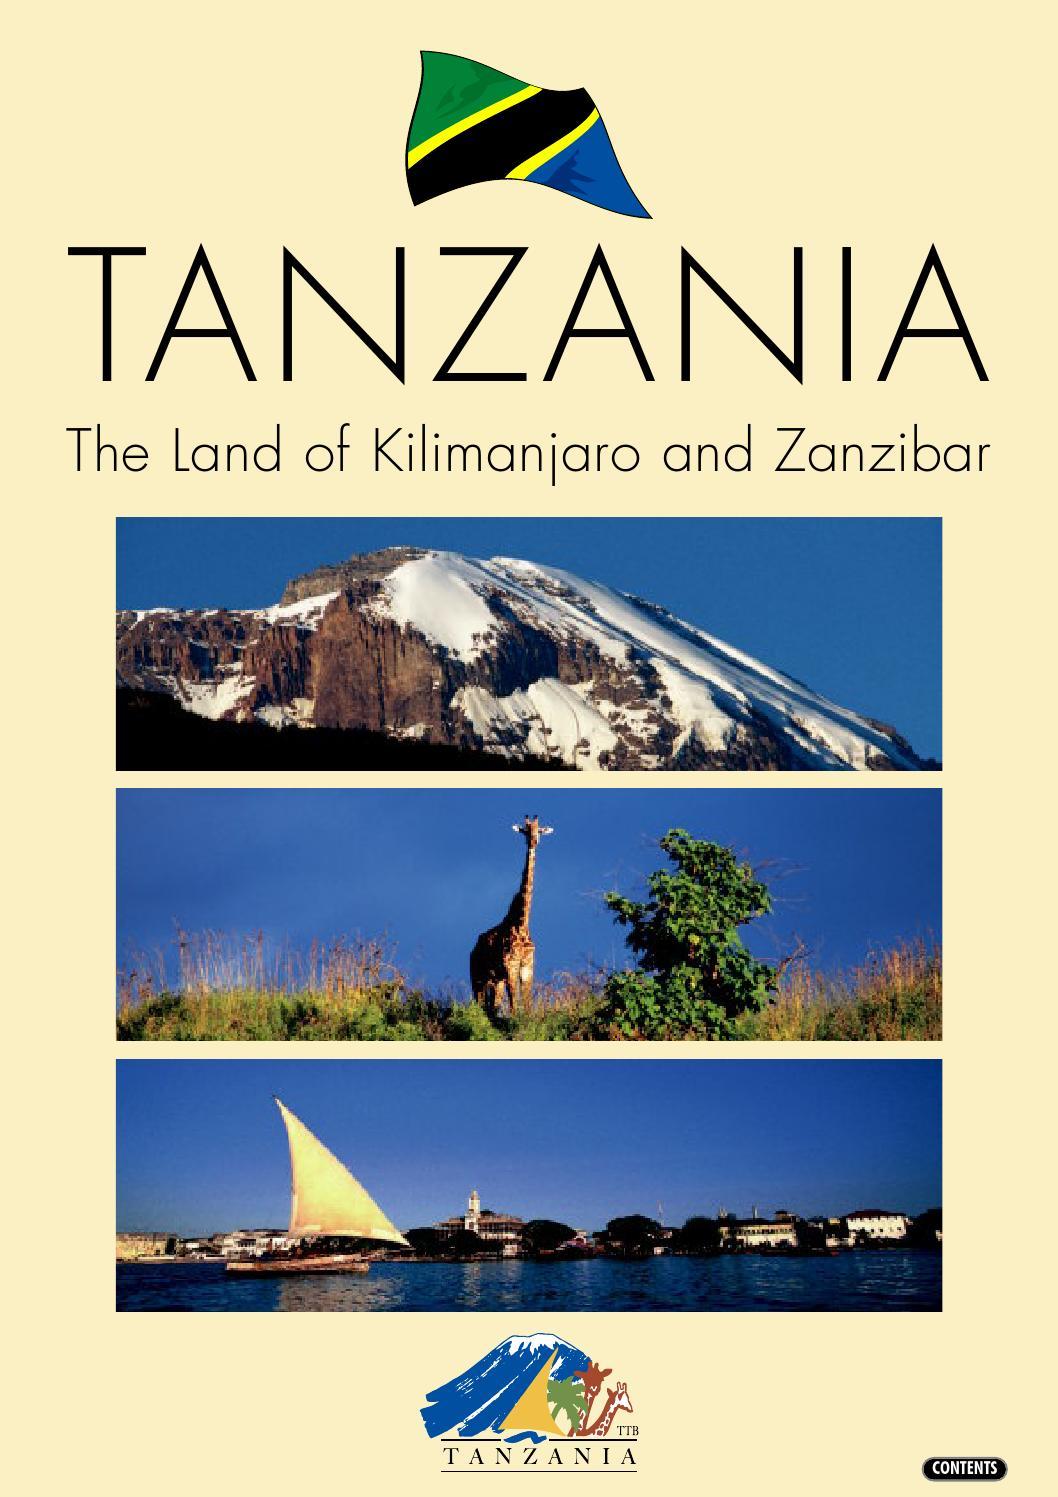 Selling Tanzania 2007 by Tanzania Tourism.